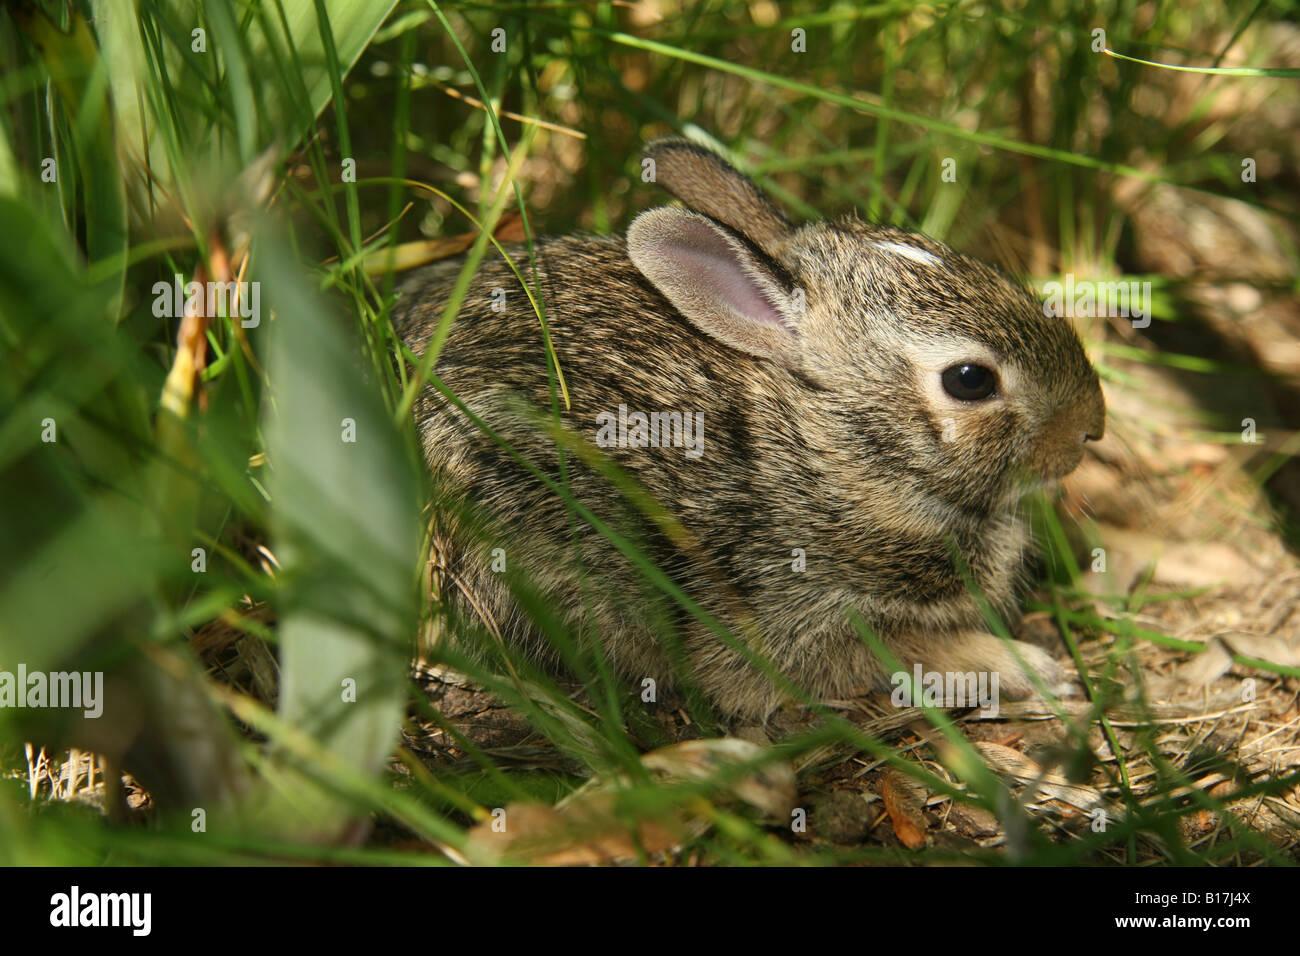 Eastern Cottontail rabbit kitten hiding in undergrowth. Stock Photo